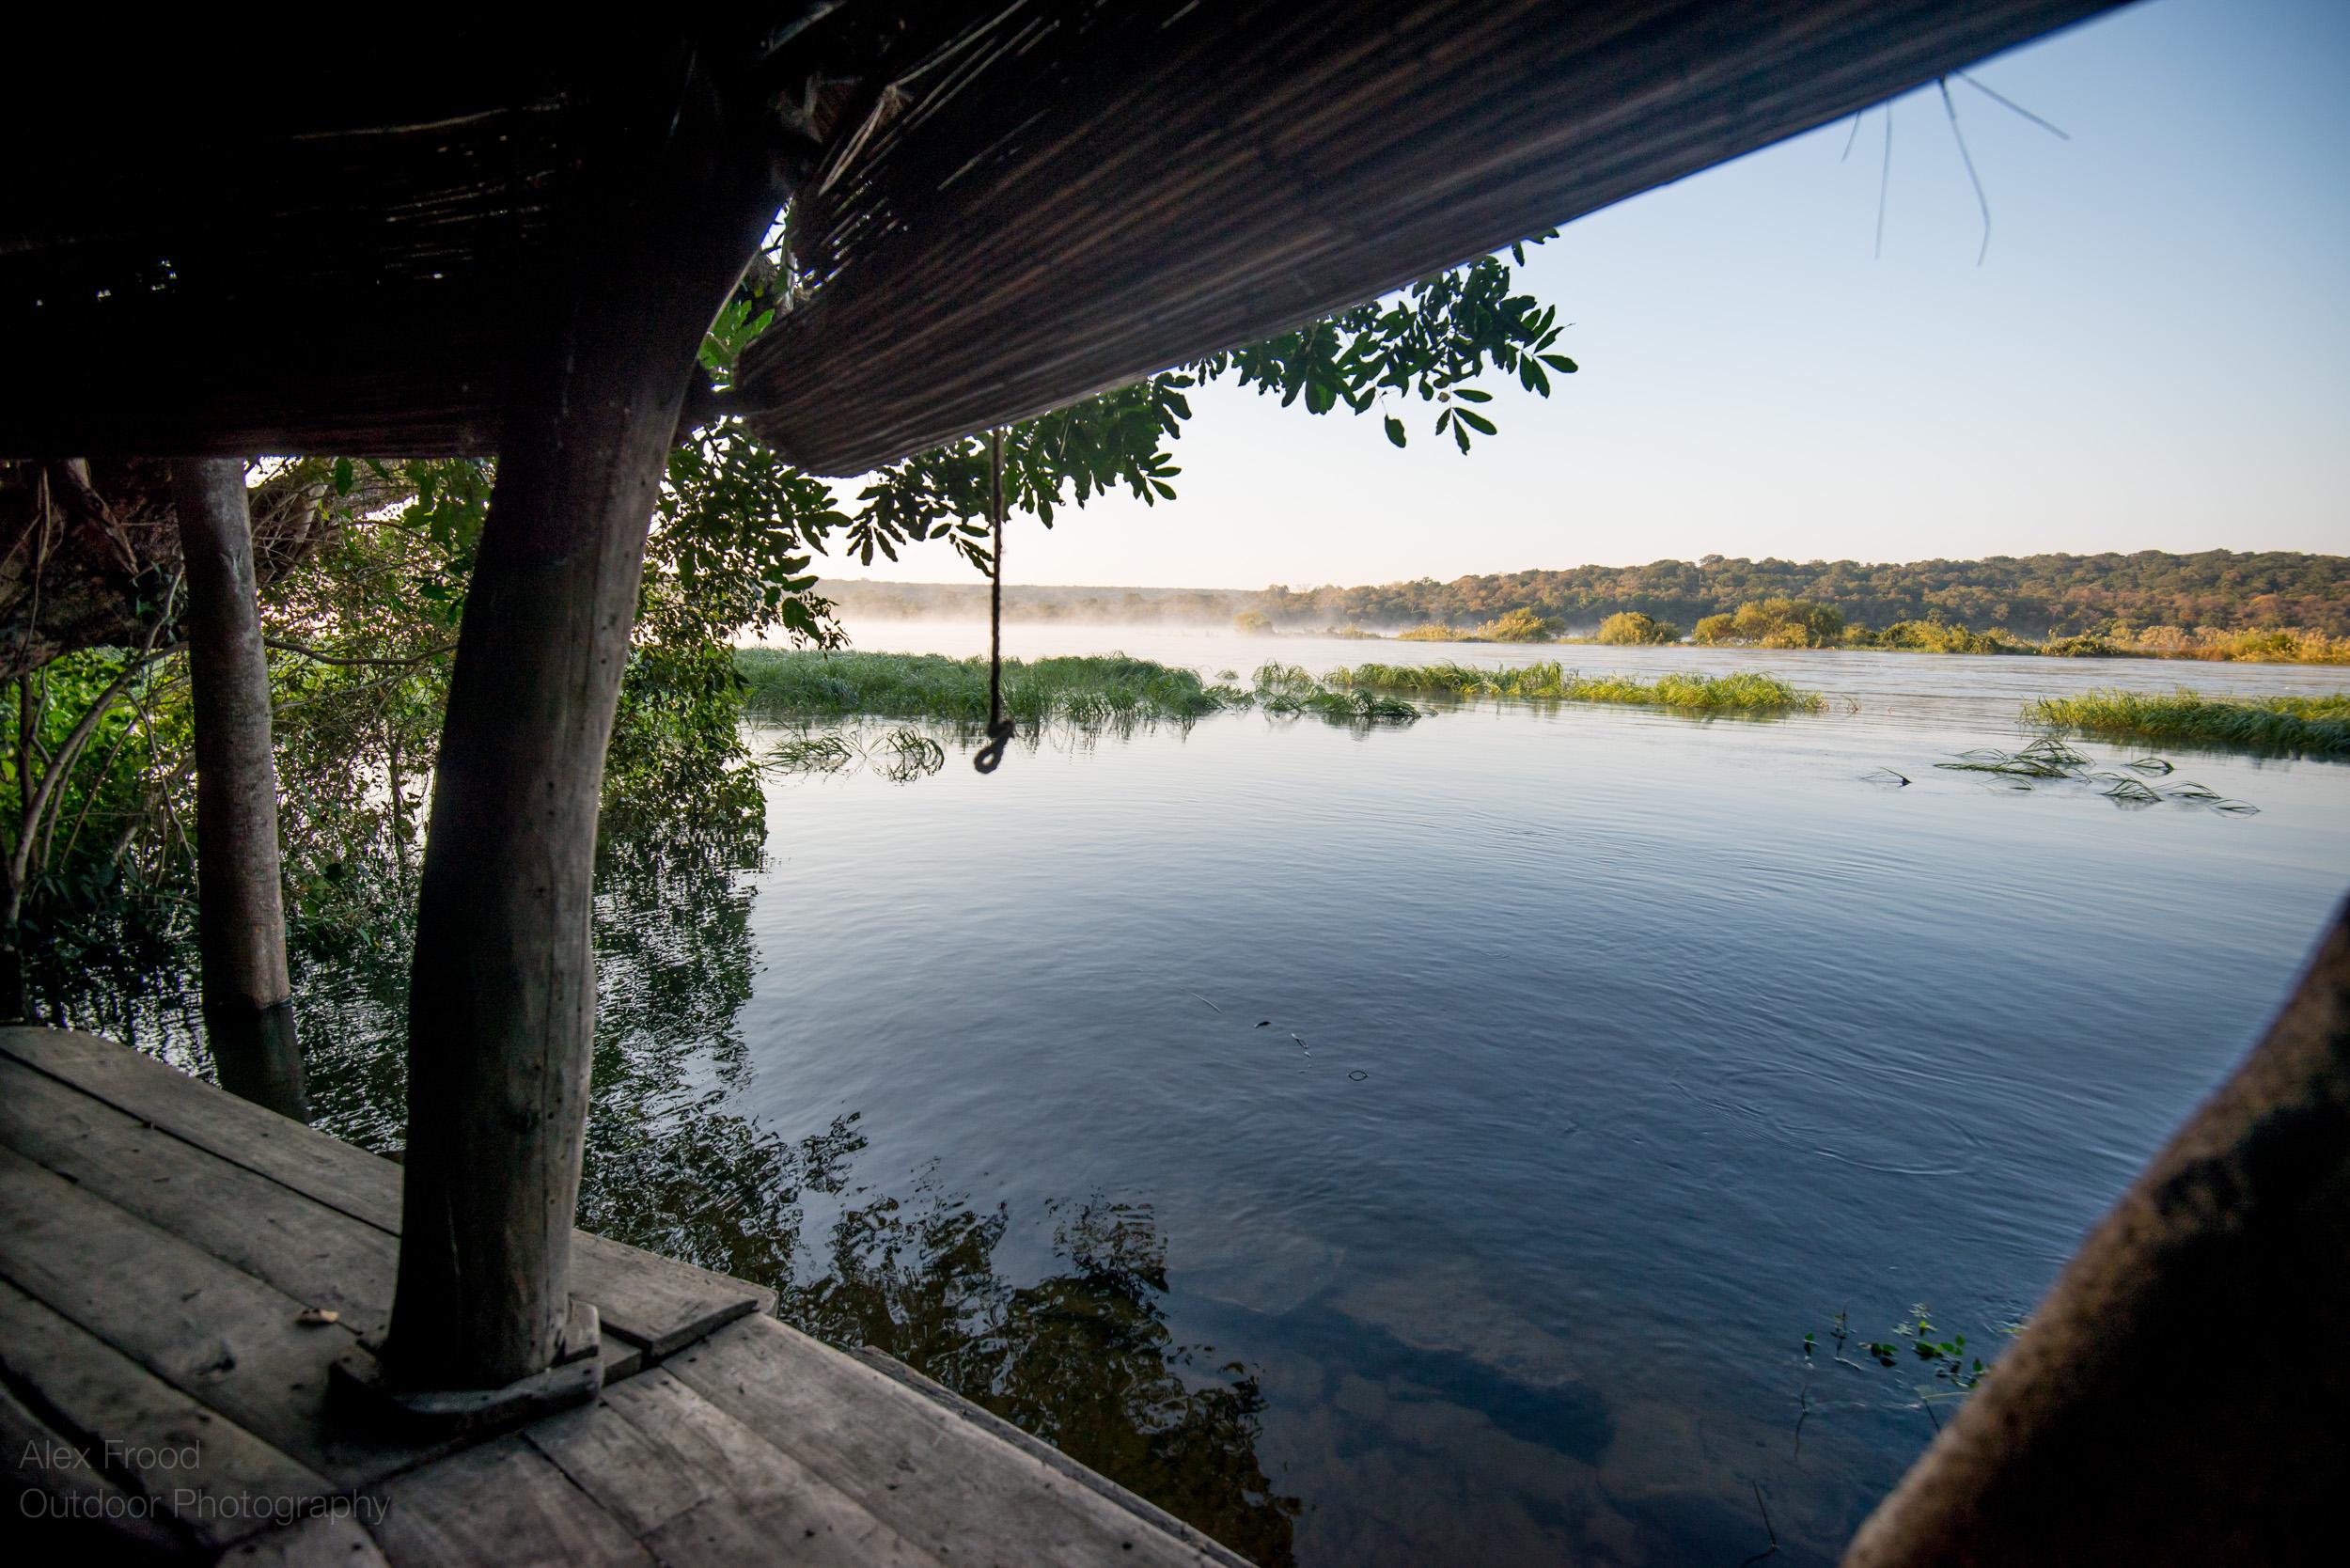 Bovu Island, Zambezi River, Zambia